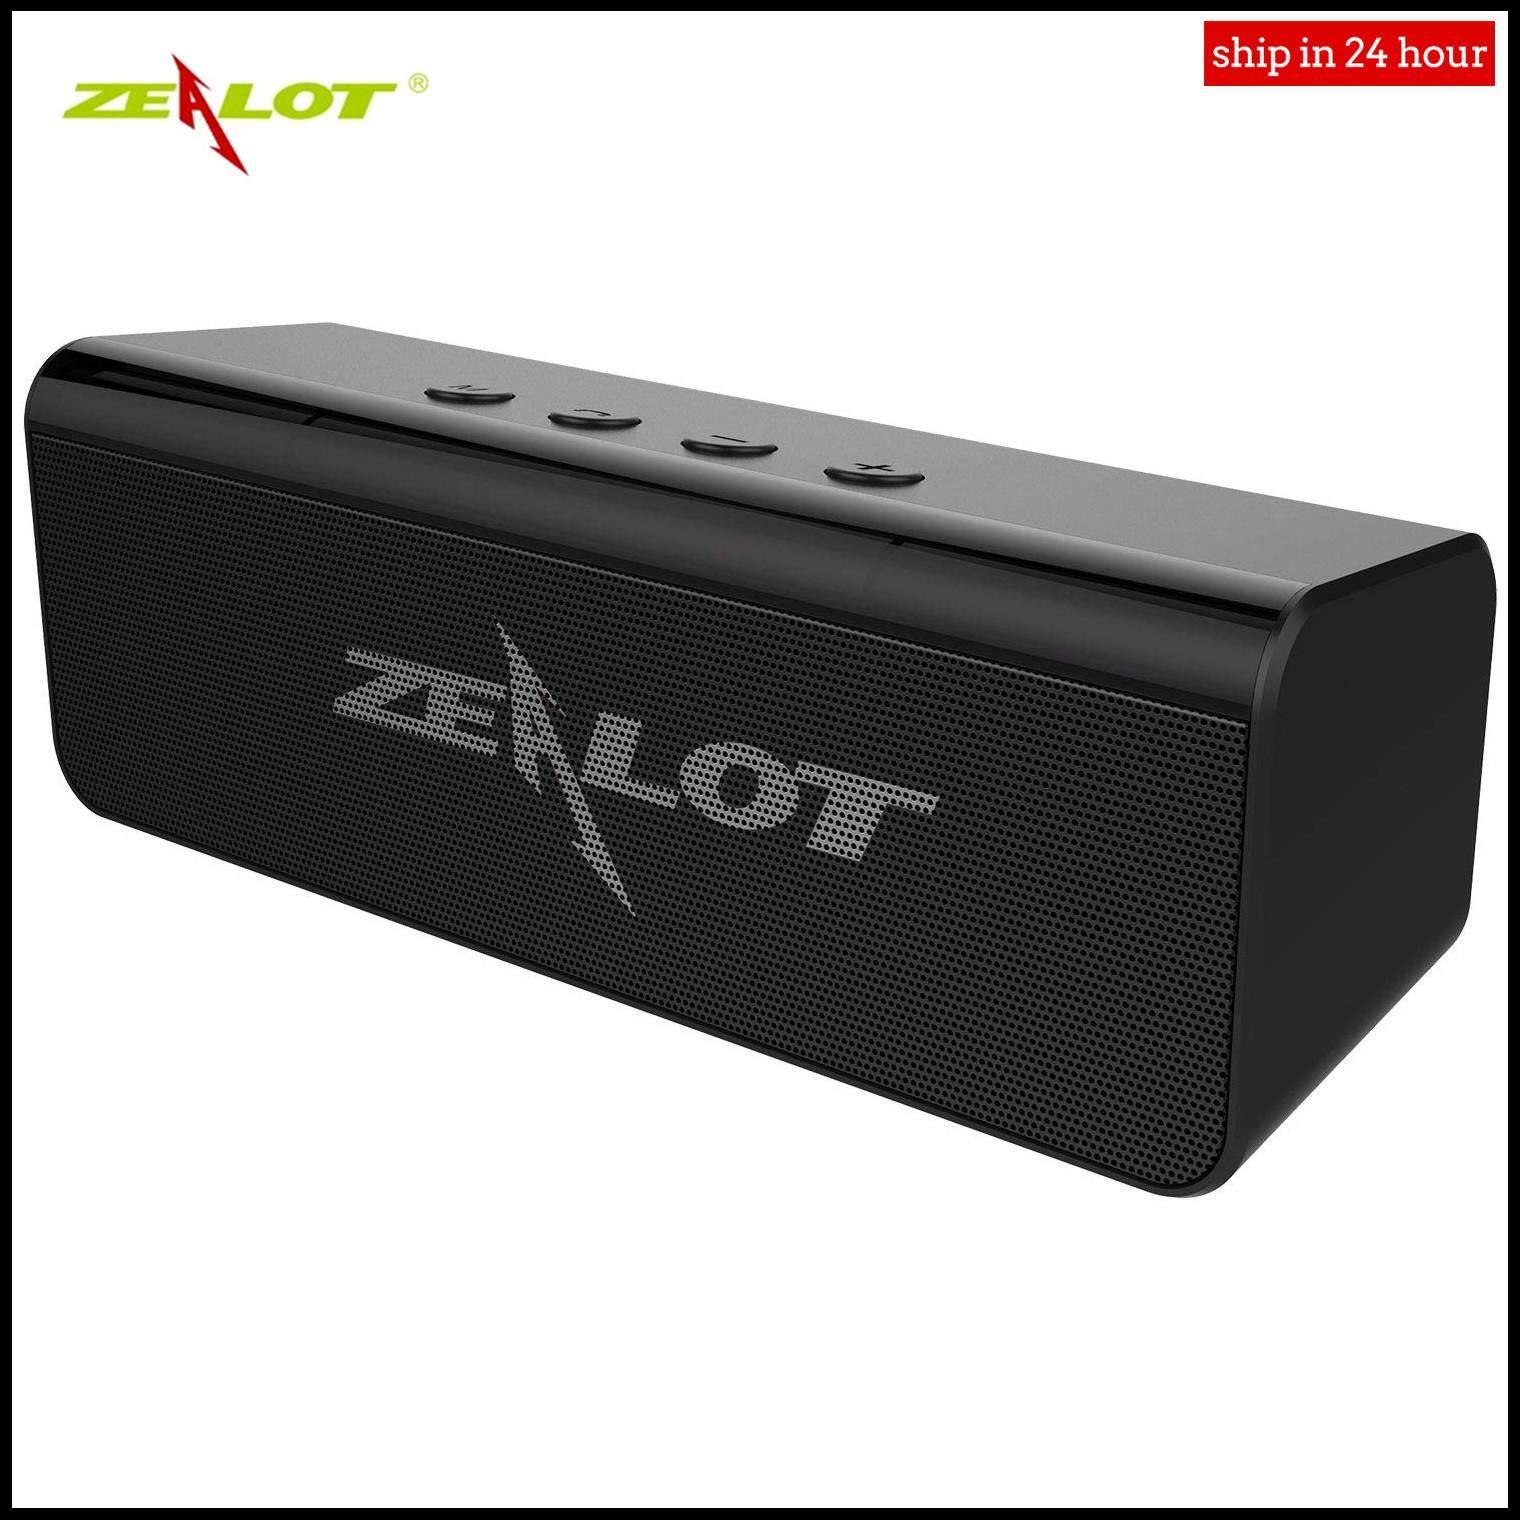 ZEALOT S31 Loa Không Dây Bluetooth 5.0 cho Ngoài Trời và Nhà [[Imusic Cổ]] giá rẻ